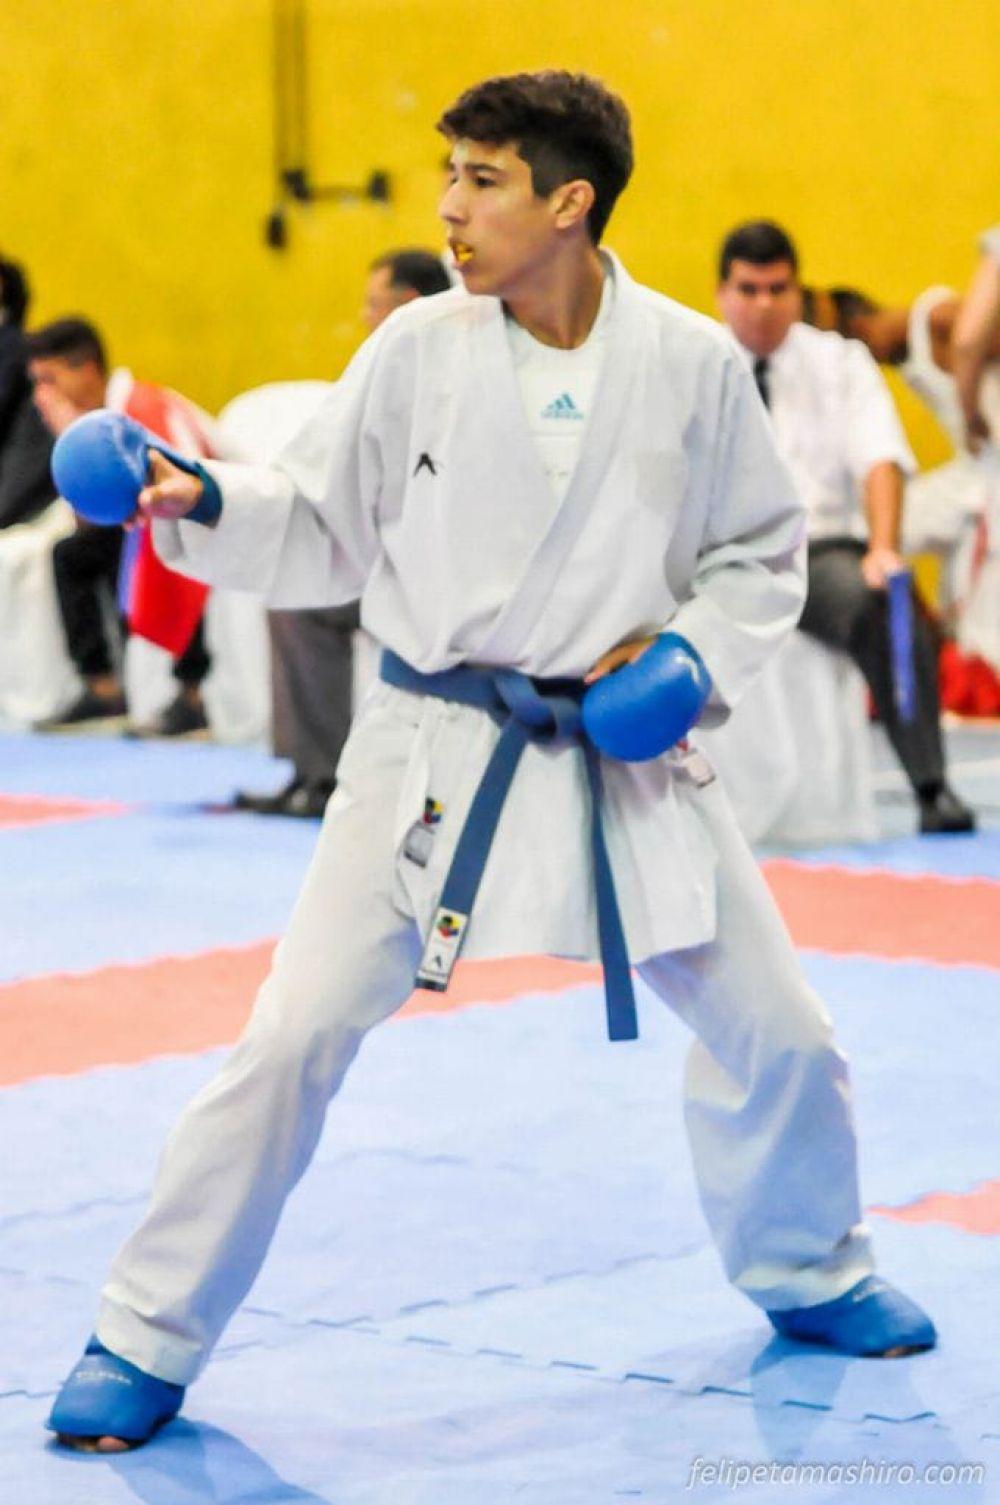 Eduardo Soares da Silva  (3° Lugar)